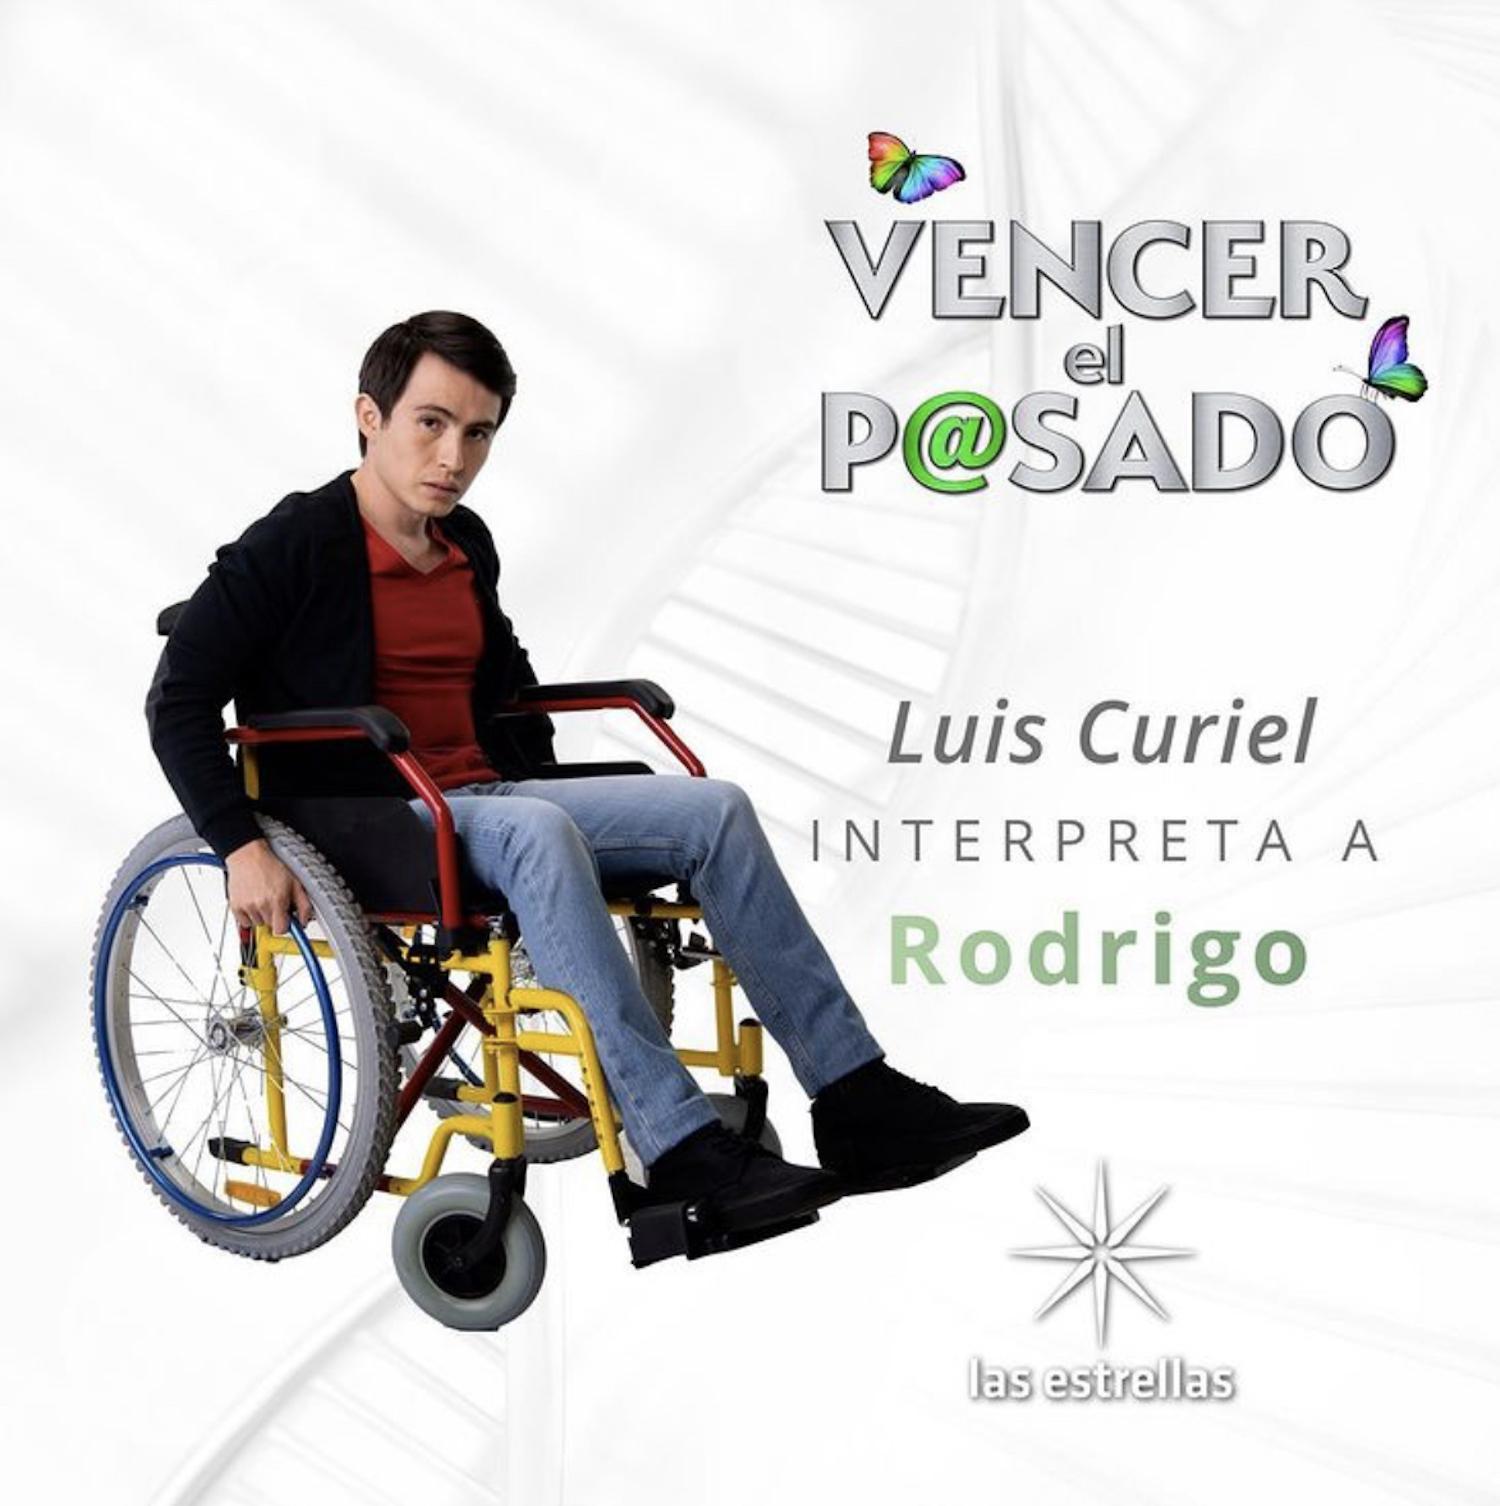 Luis Curiel